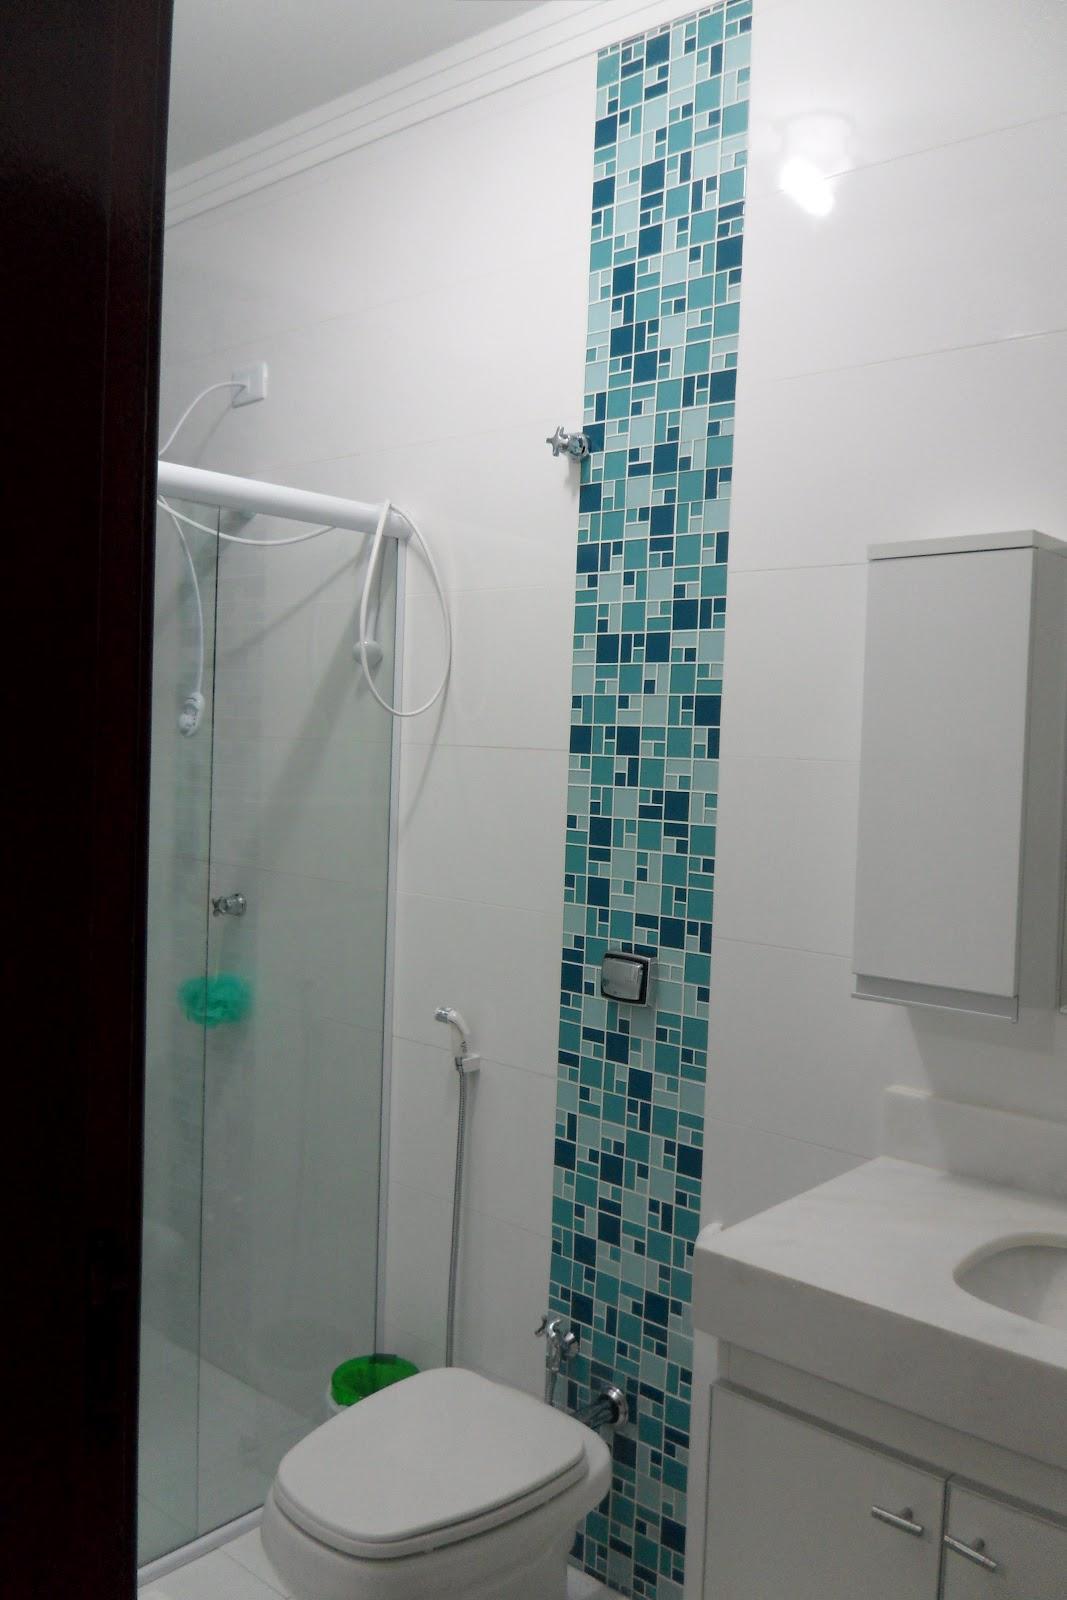 Opções de decorações para banheiros  Rafael Poyatos Projetos de Arquitetura -> Banheiro Com Pastilhas No Vaso